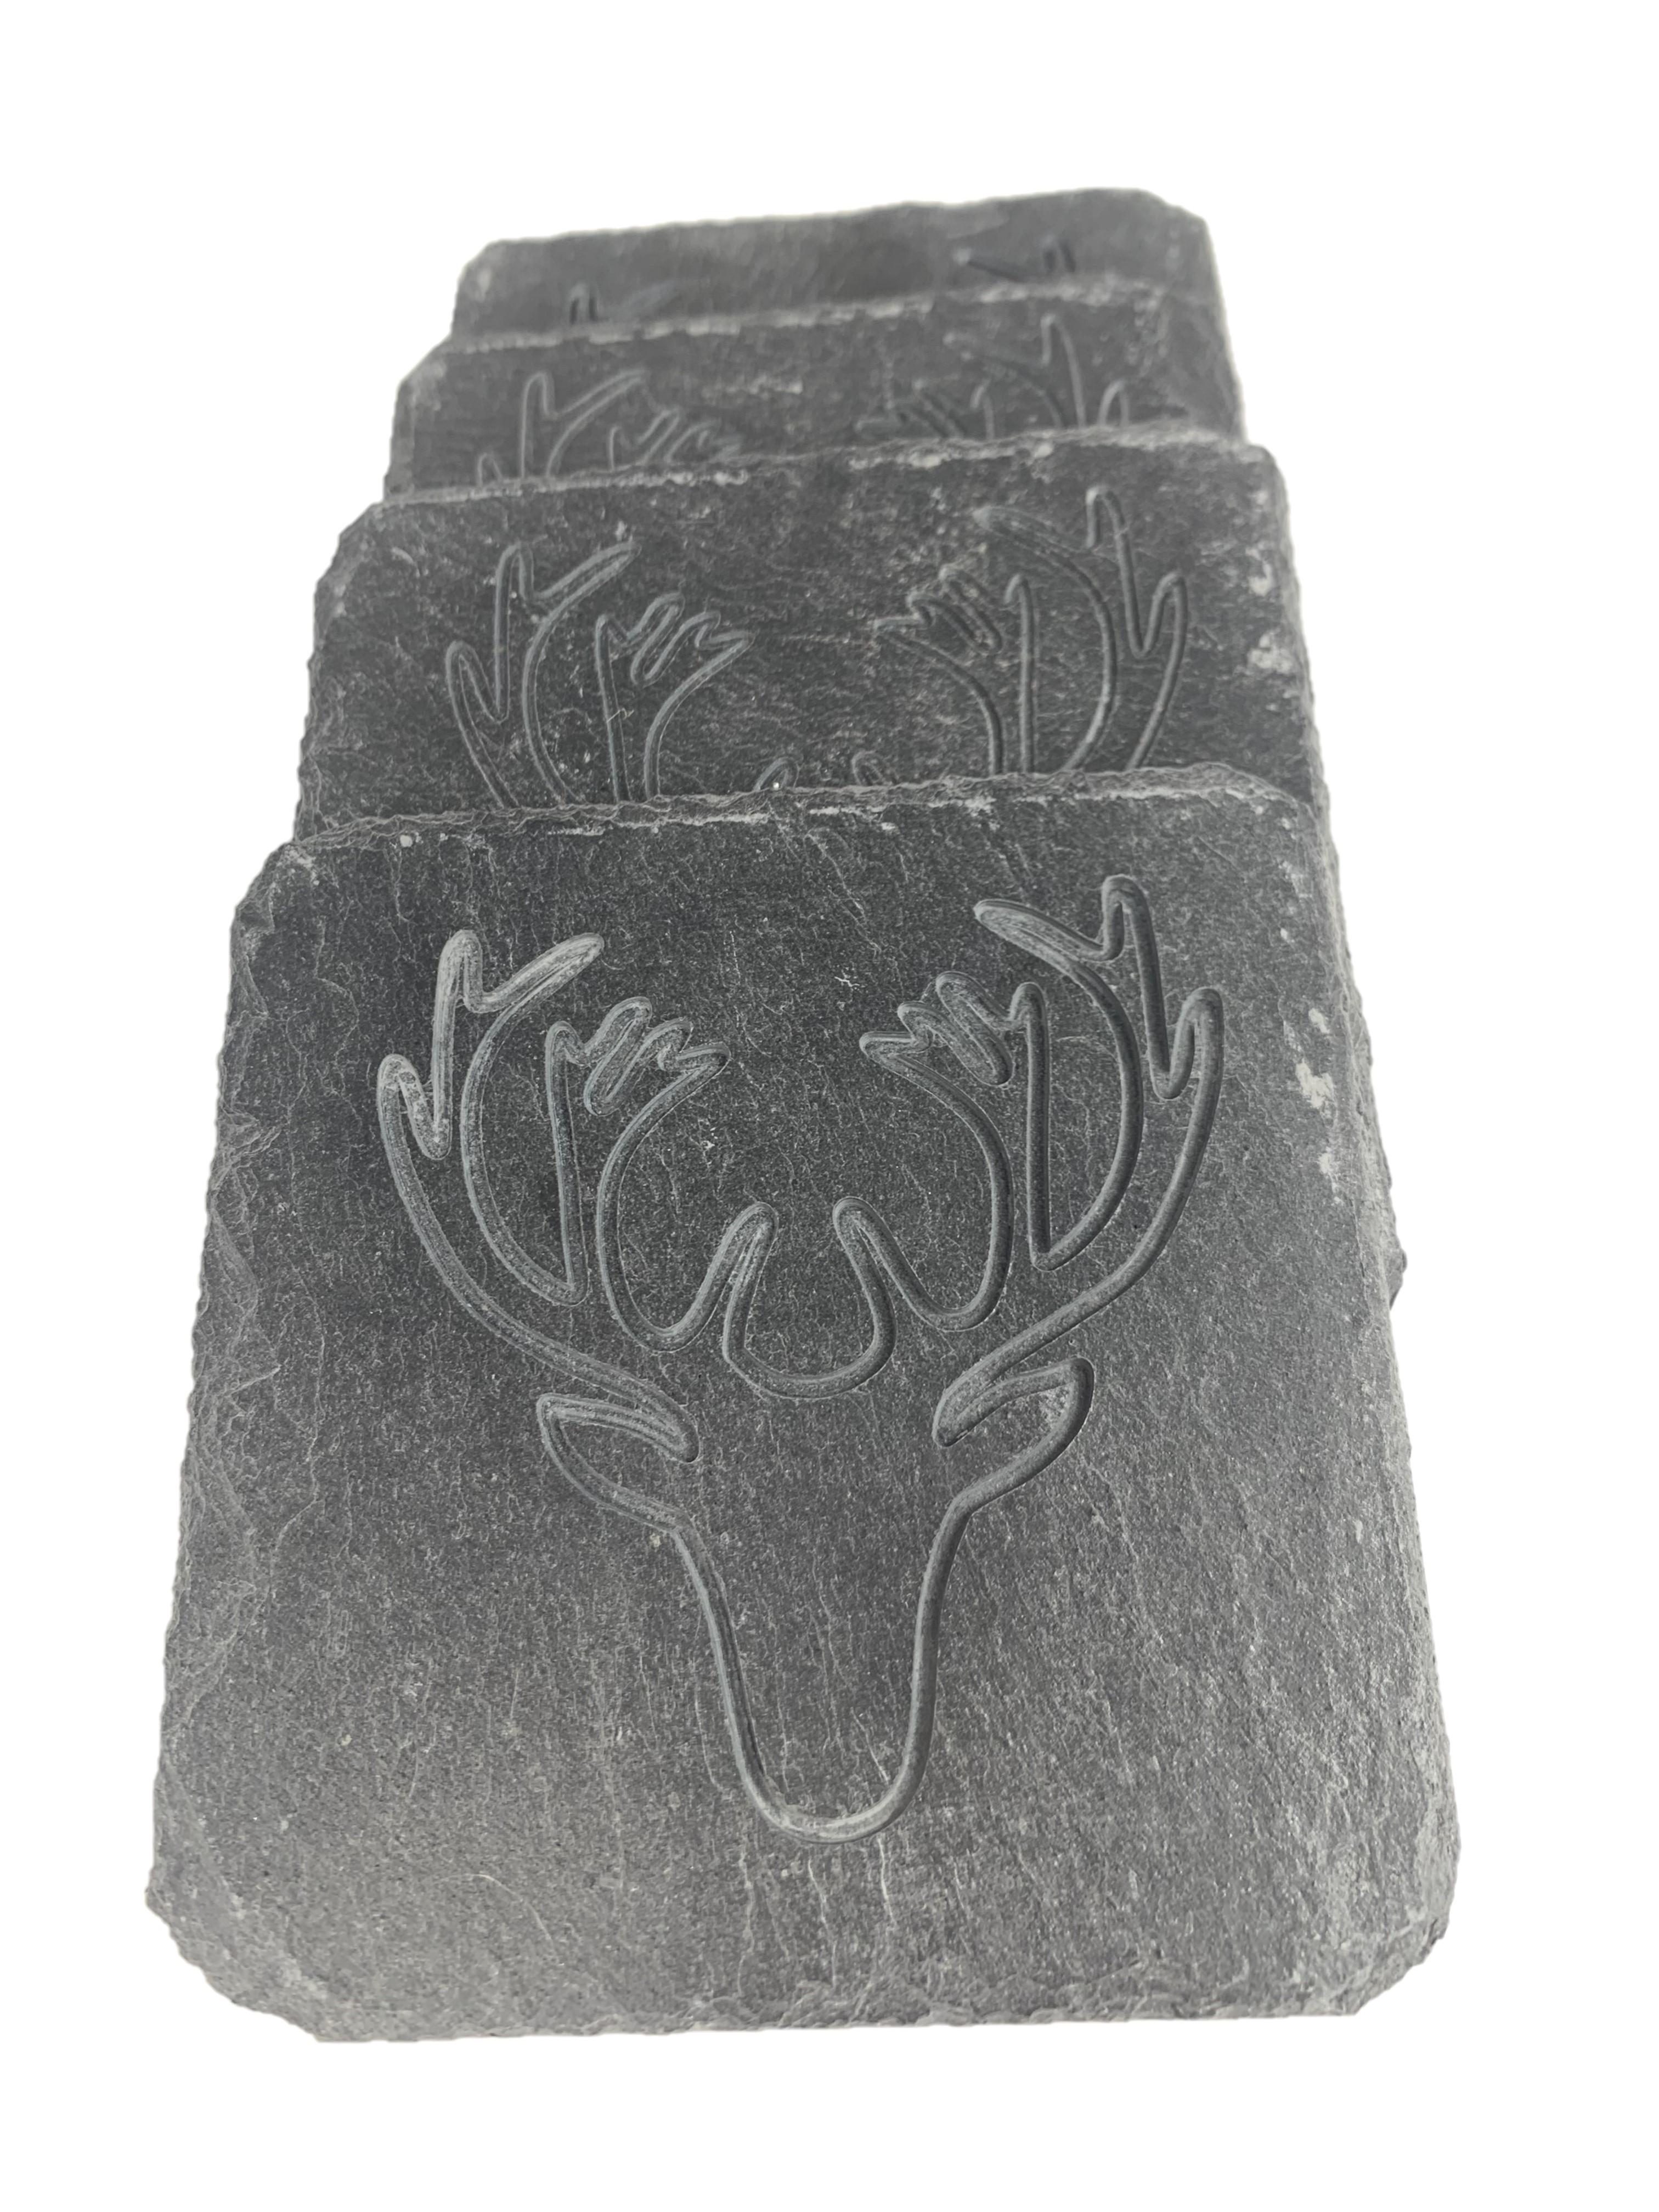 Hirschkopfgravur auf Schieferuntersetzer